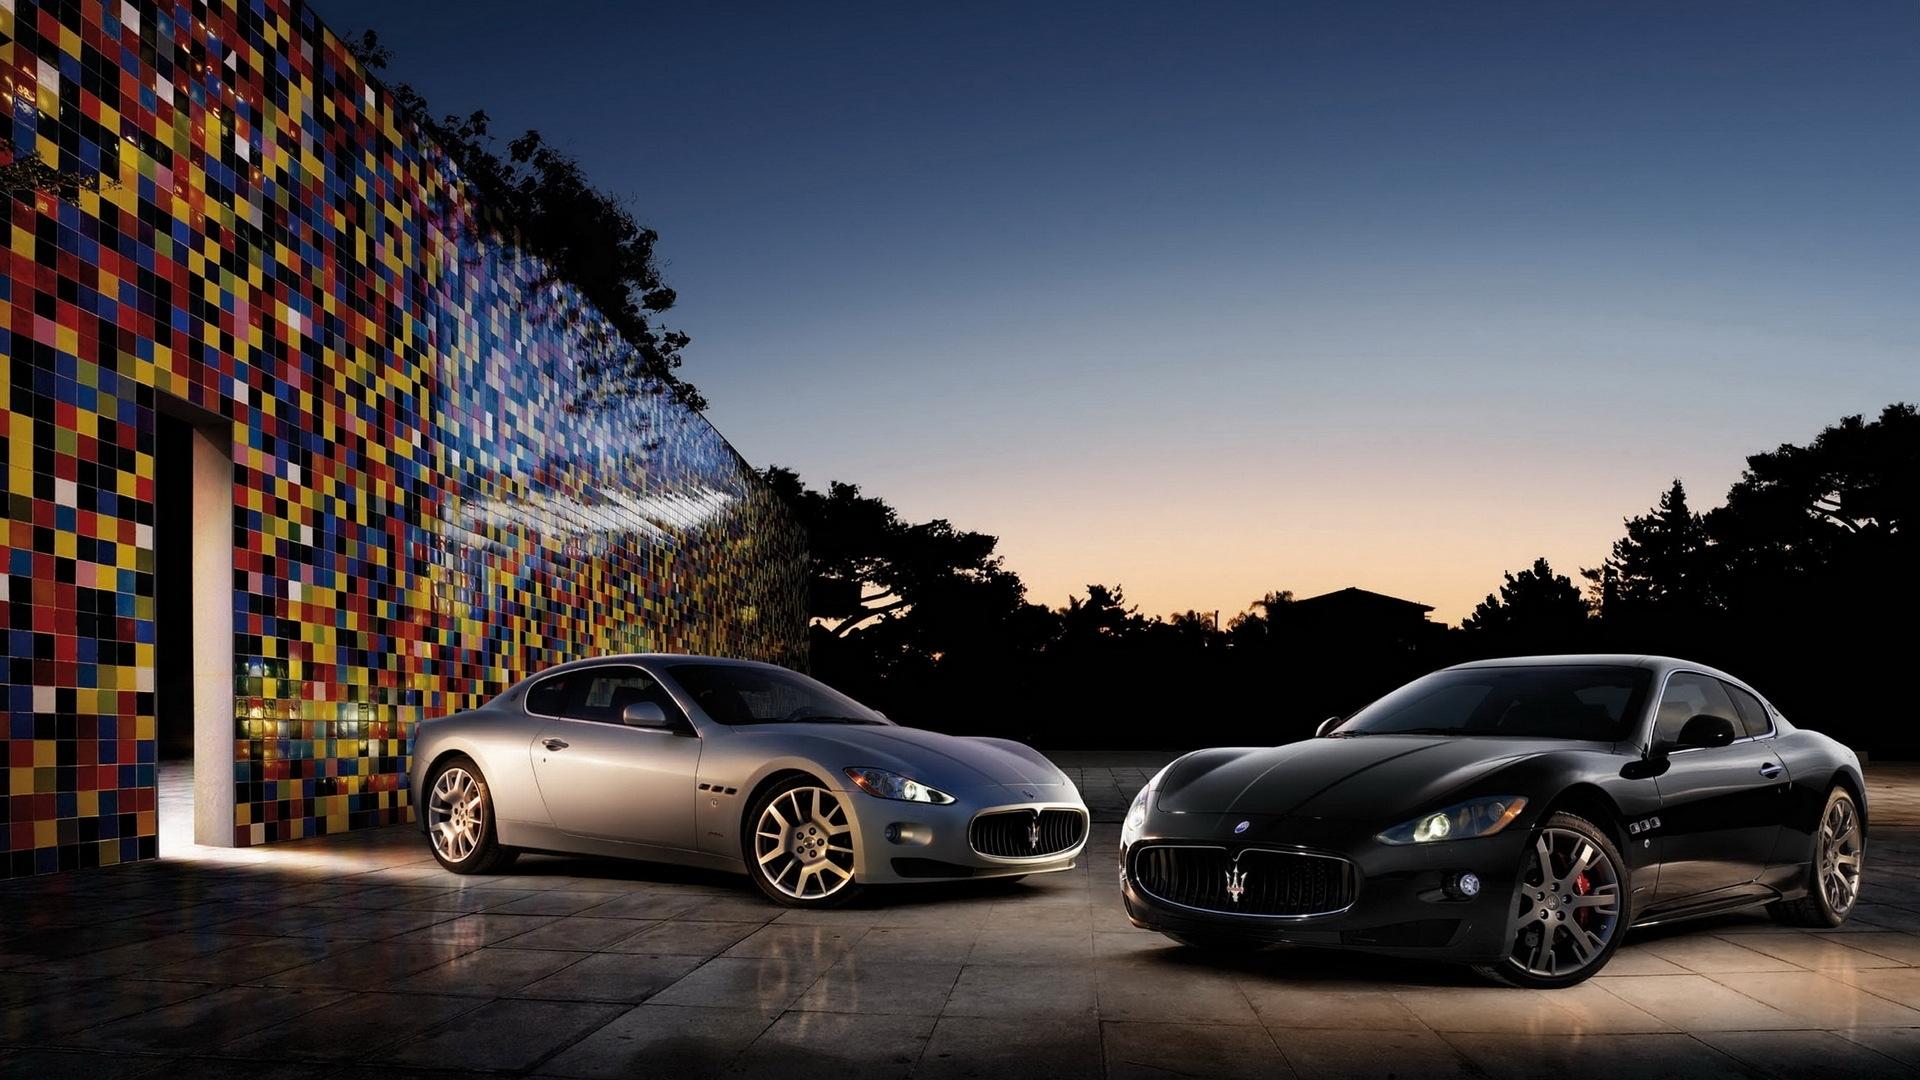 26652 скачать обои Транспорт, Машины, Мазератти (Maserati) - заставки и картинки бесплатно